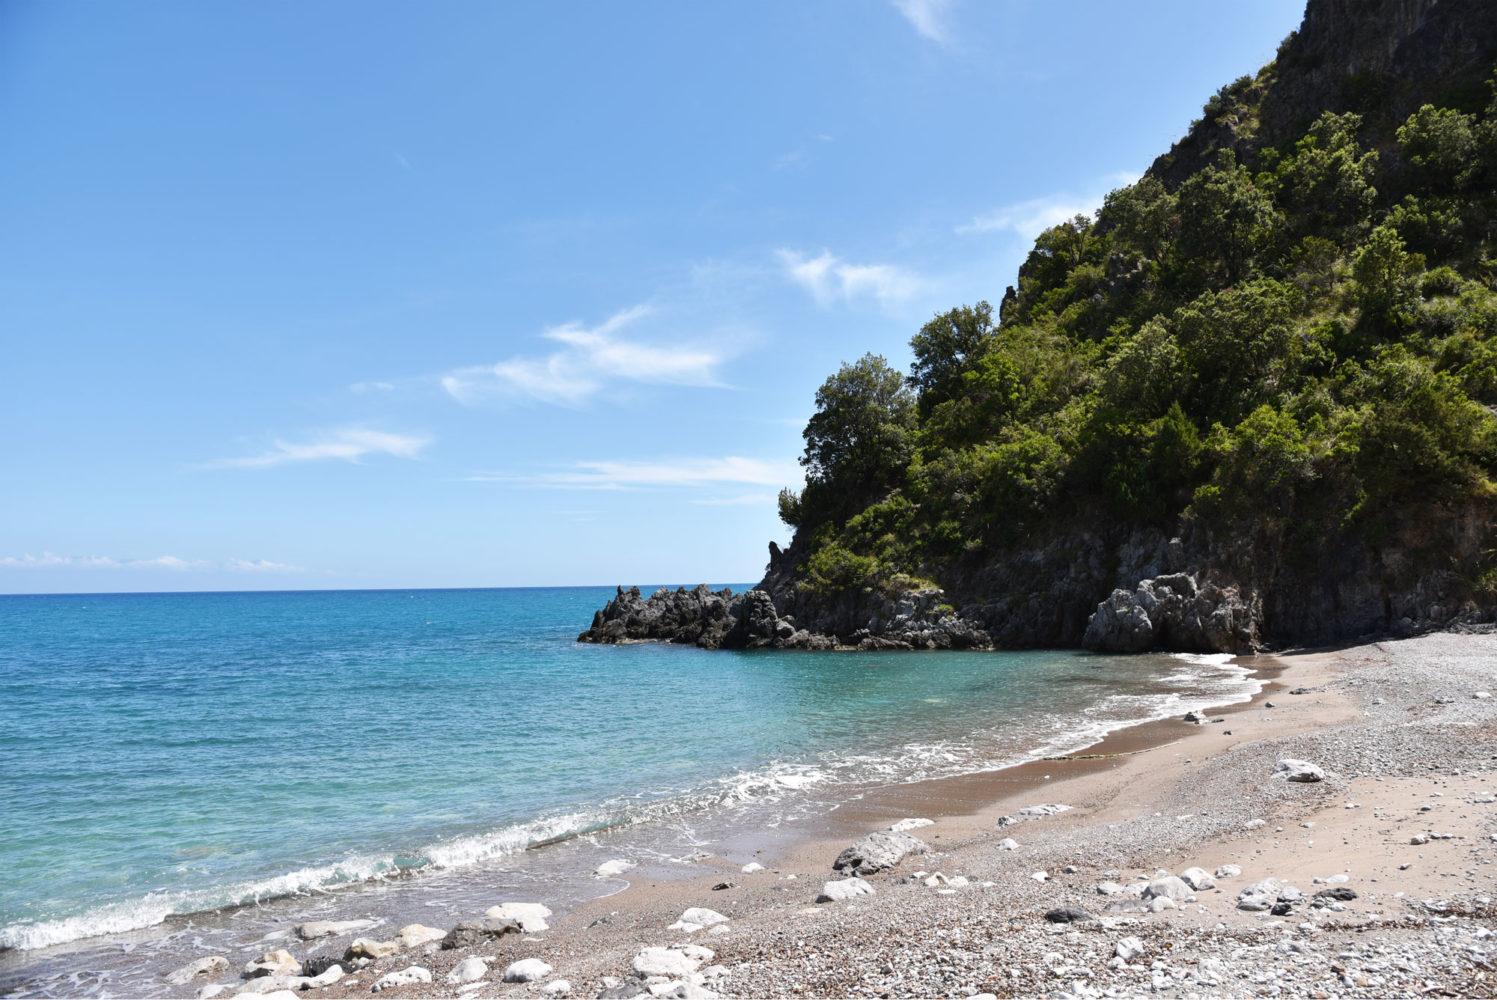 Spiaggia-dei francesi spiaggia del-Marcellino (1)